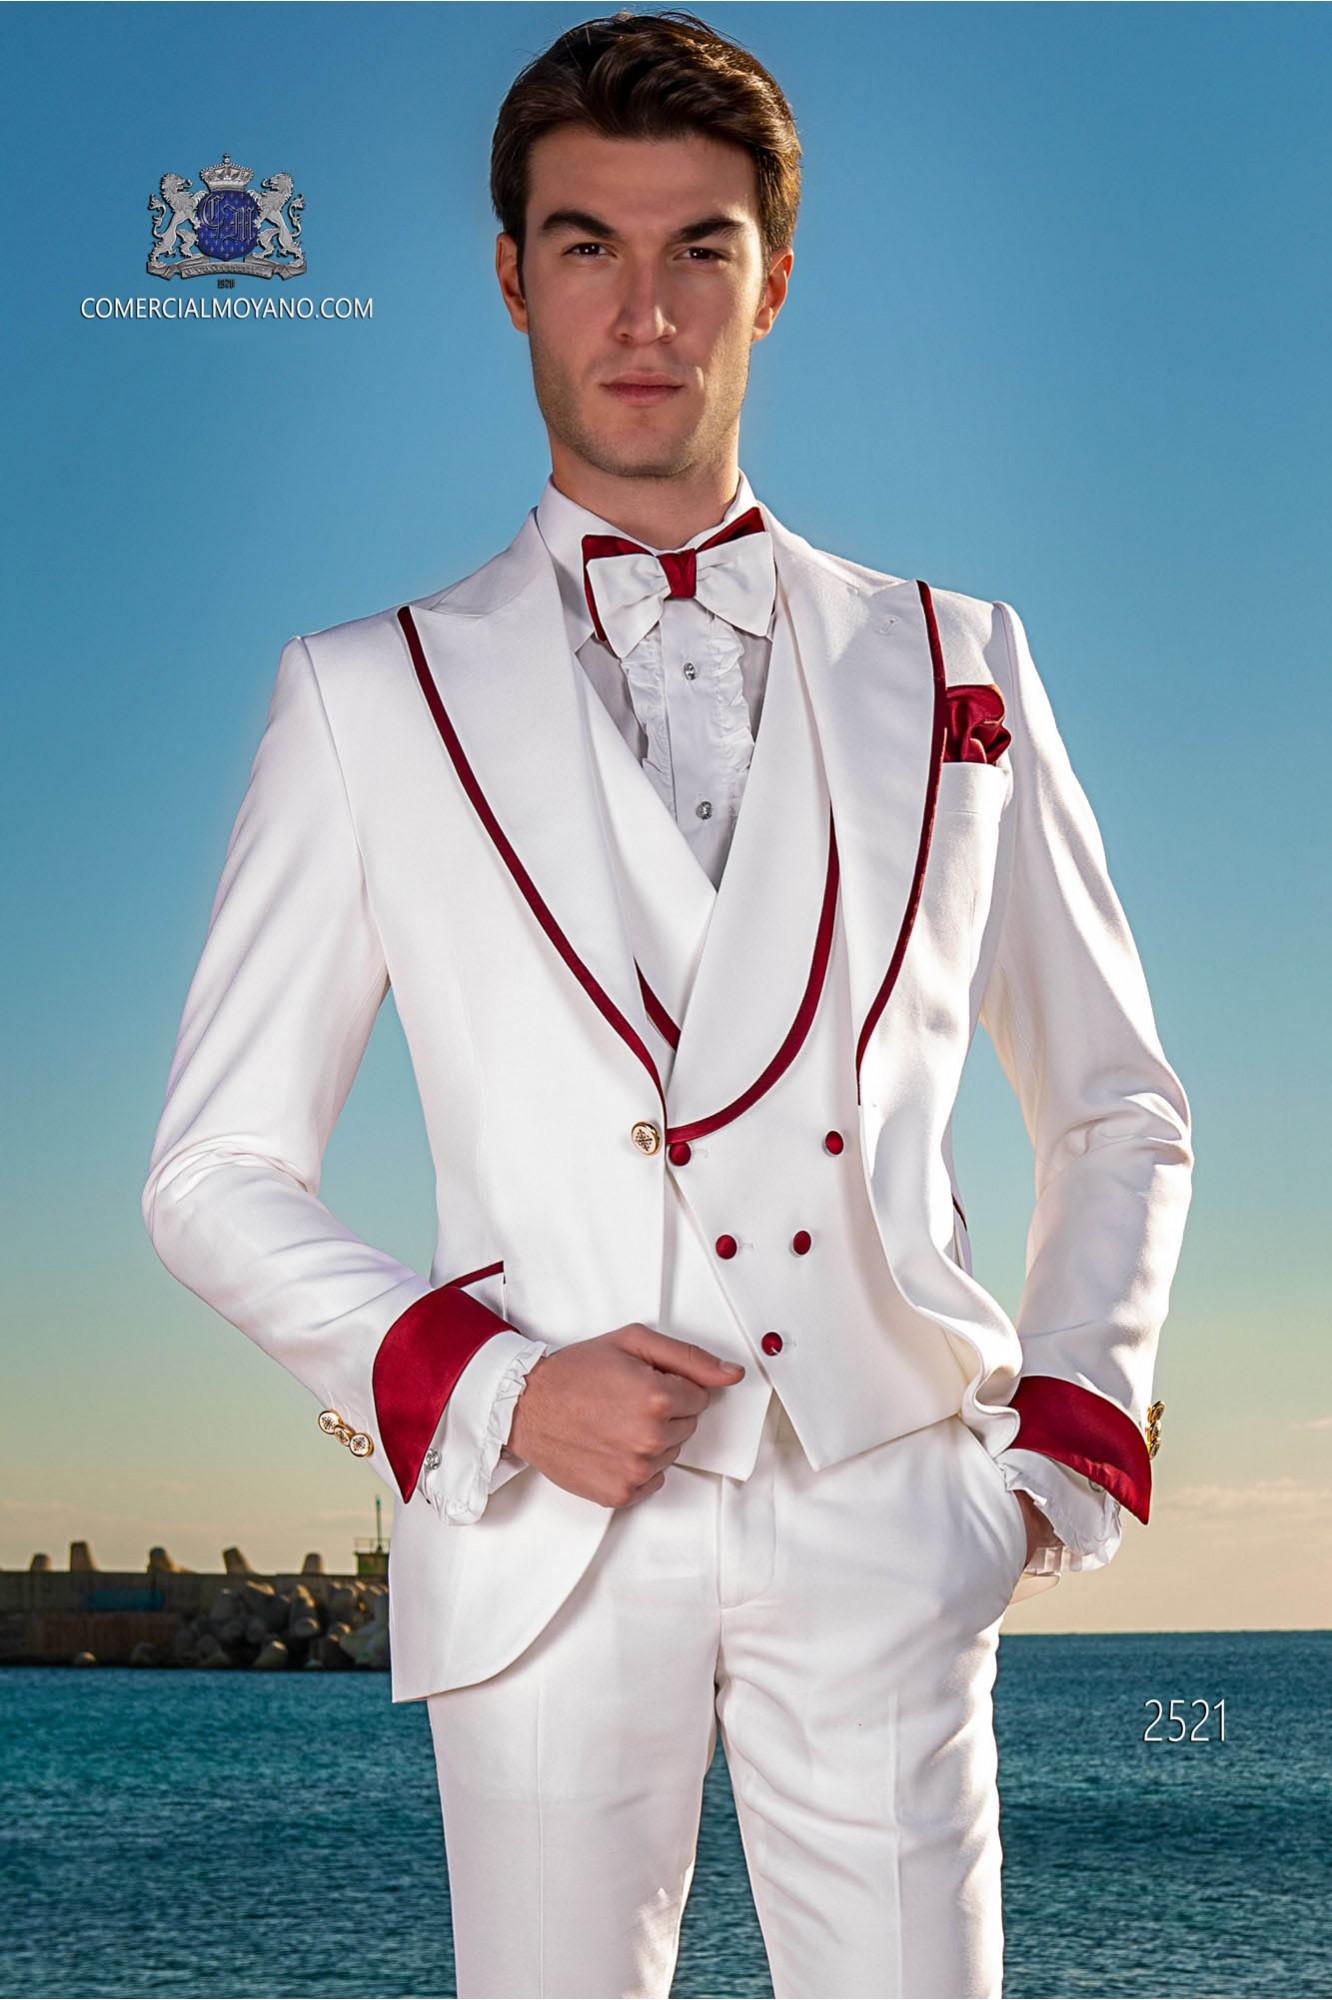 Traje de novio moderno blanco con con vivo rojo en la solapa